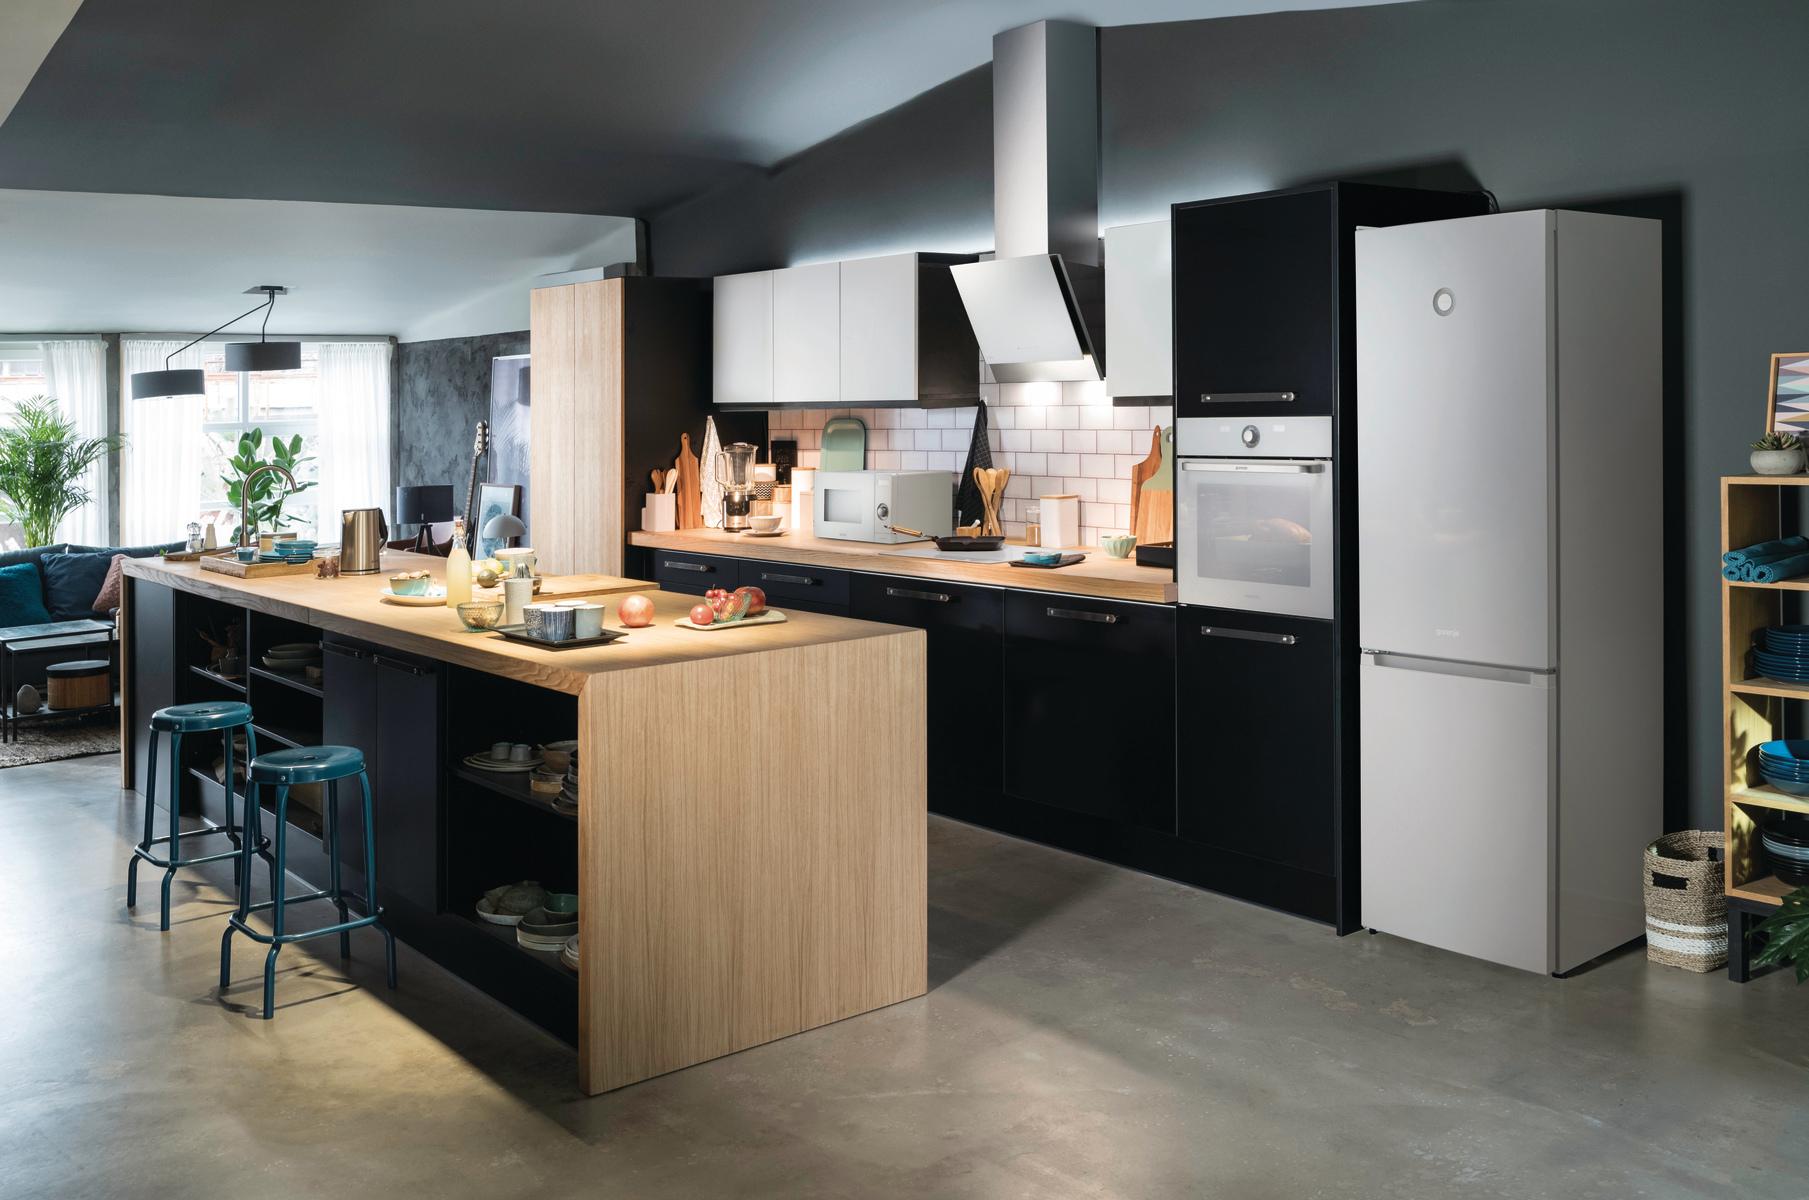 Jak wybrać sprzęt AGD do nowego domu? 3